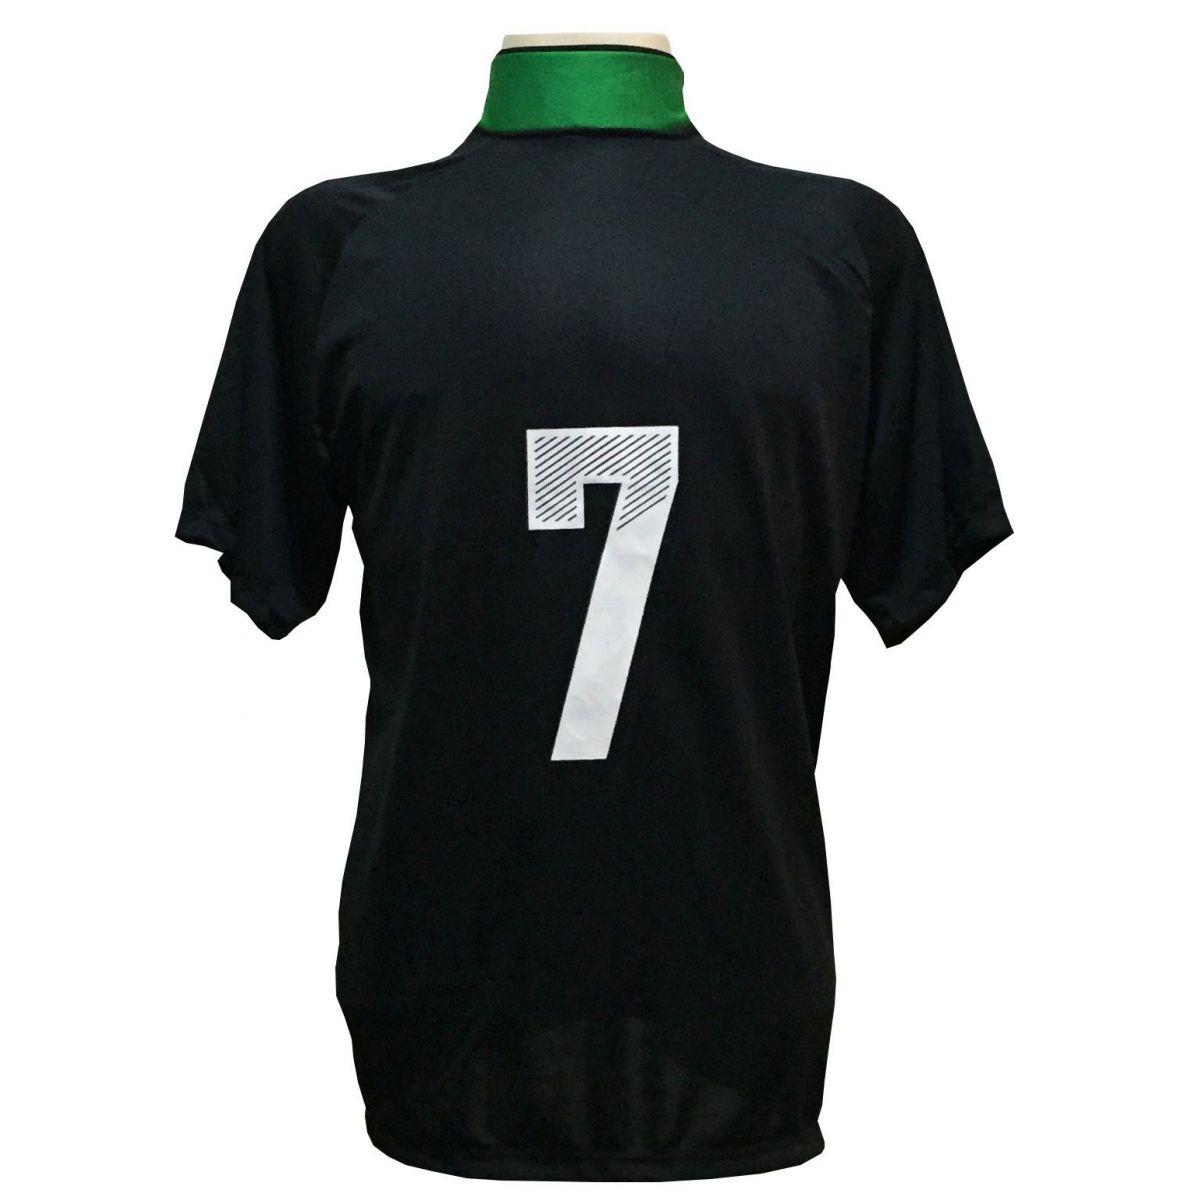 Jogo de Camisa com 12 unidades modelo Milan Preto/Verde + 1 Goleiro + Brindes